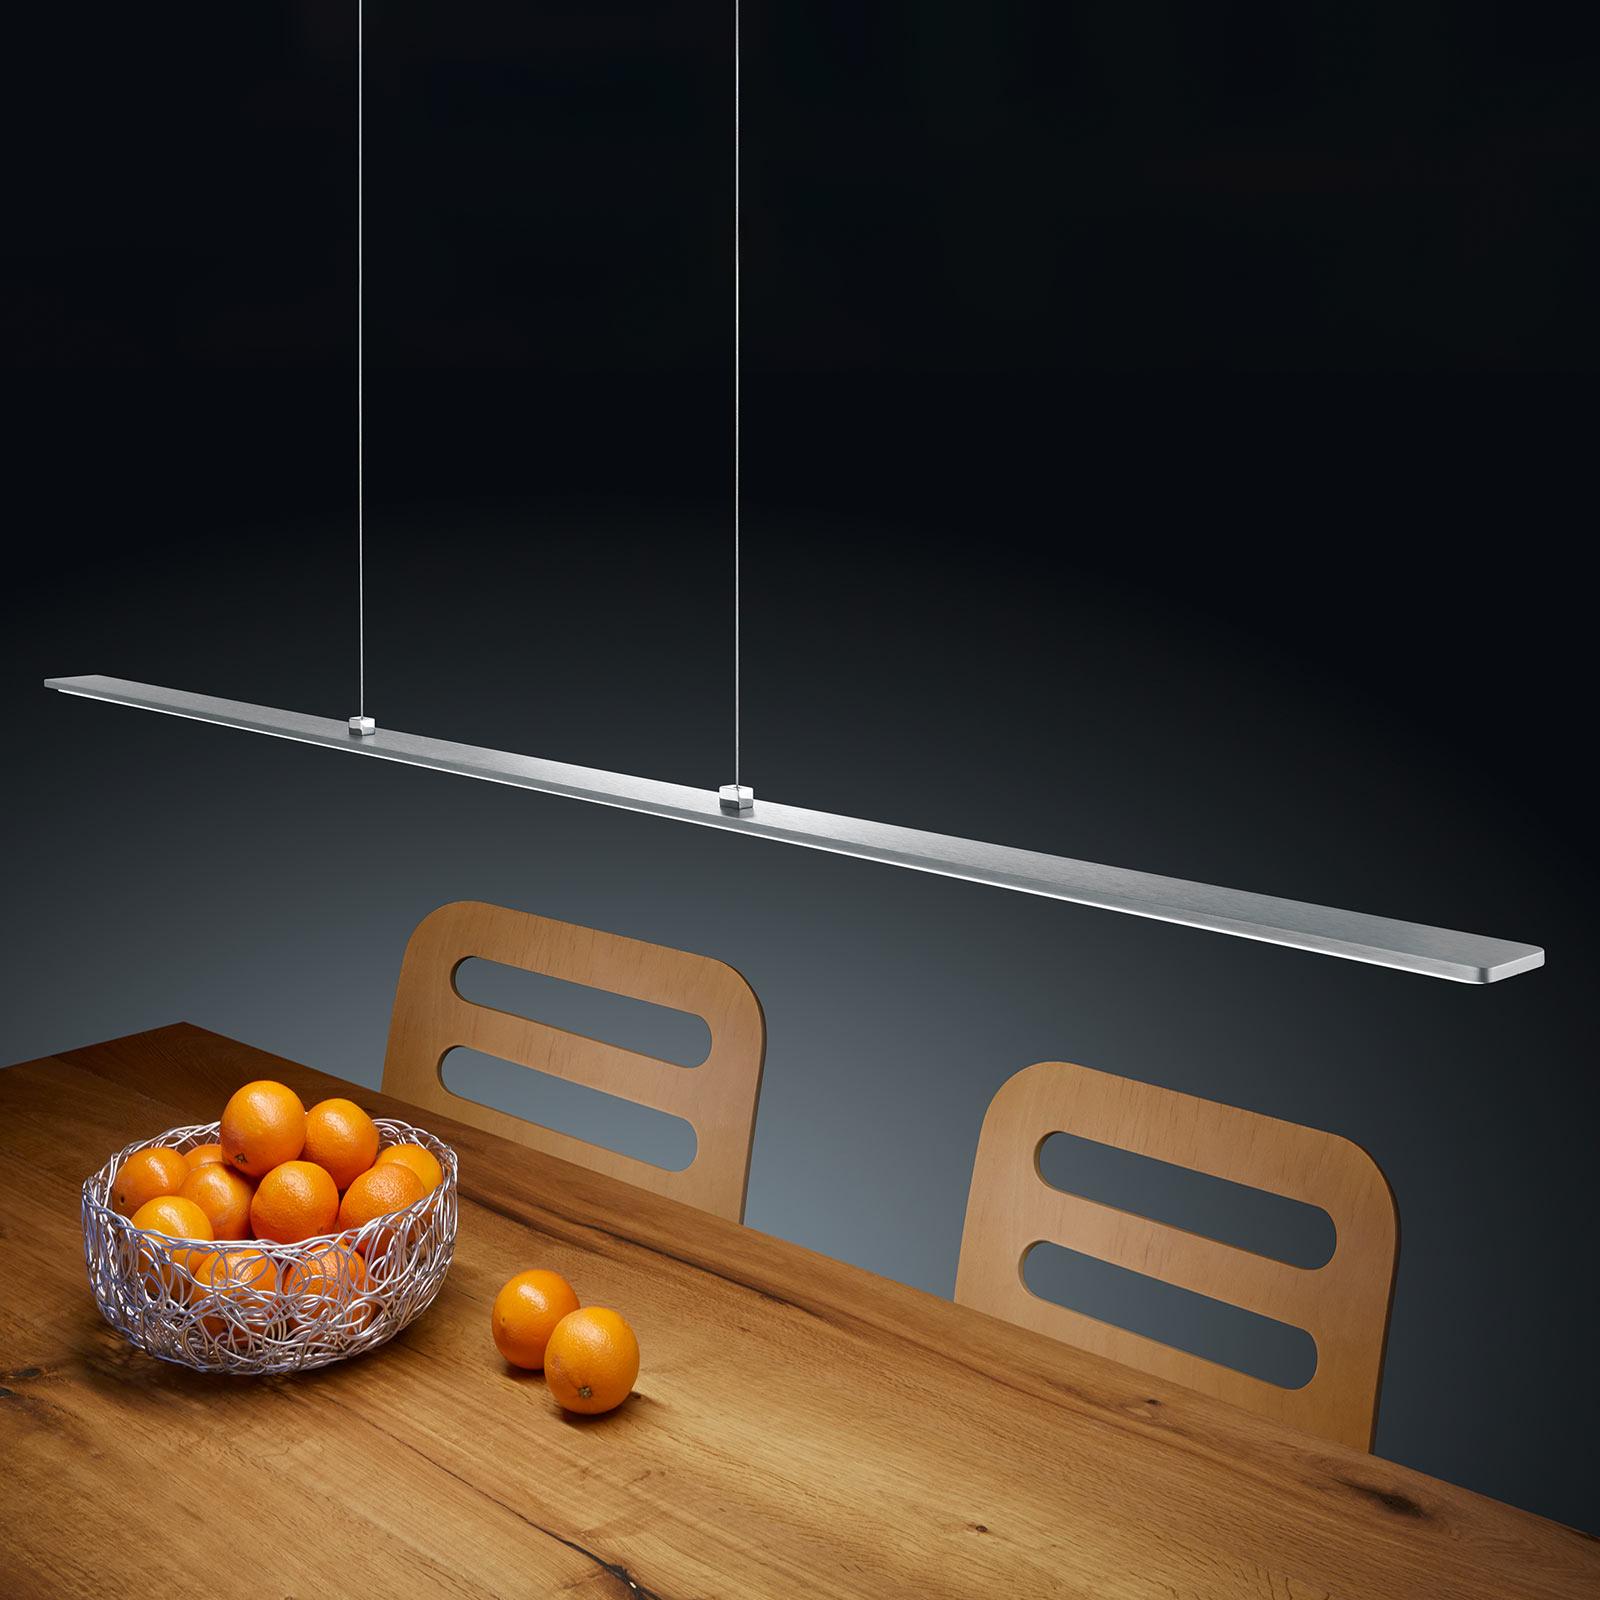 Helestra Lexx LED-Hängeleuchte mattnickel EasyLift